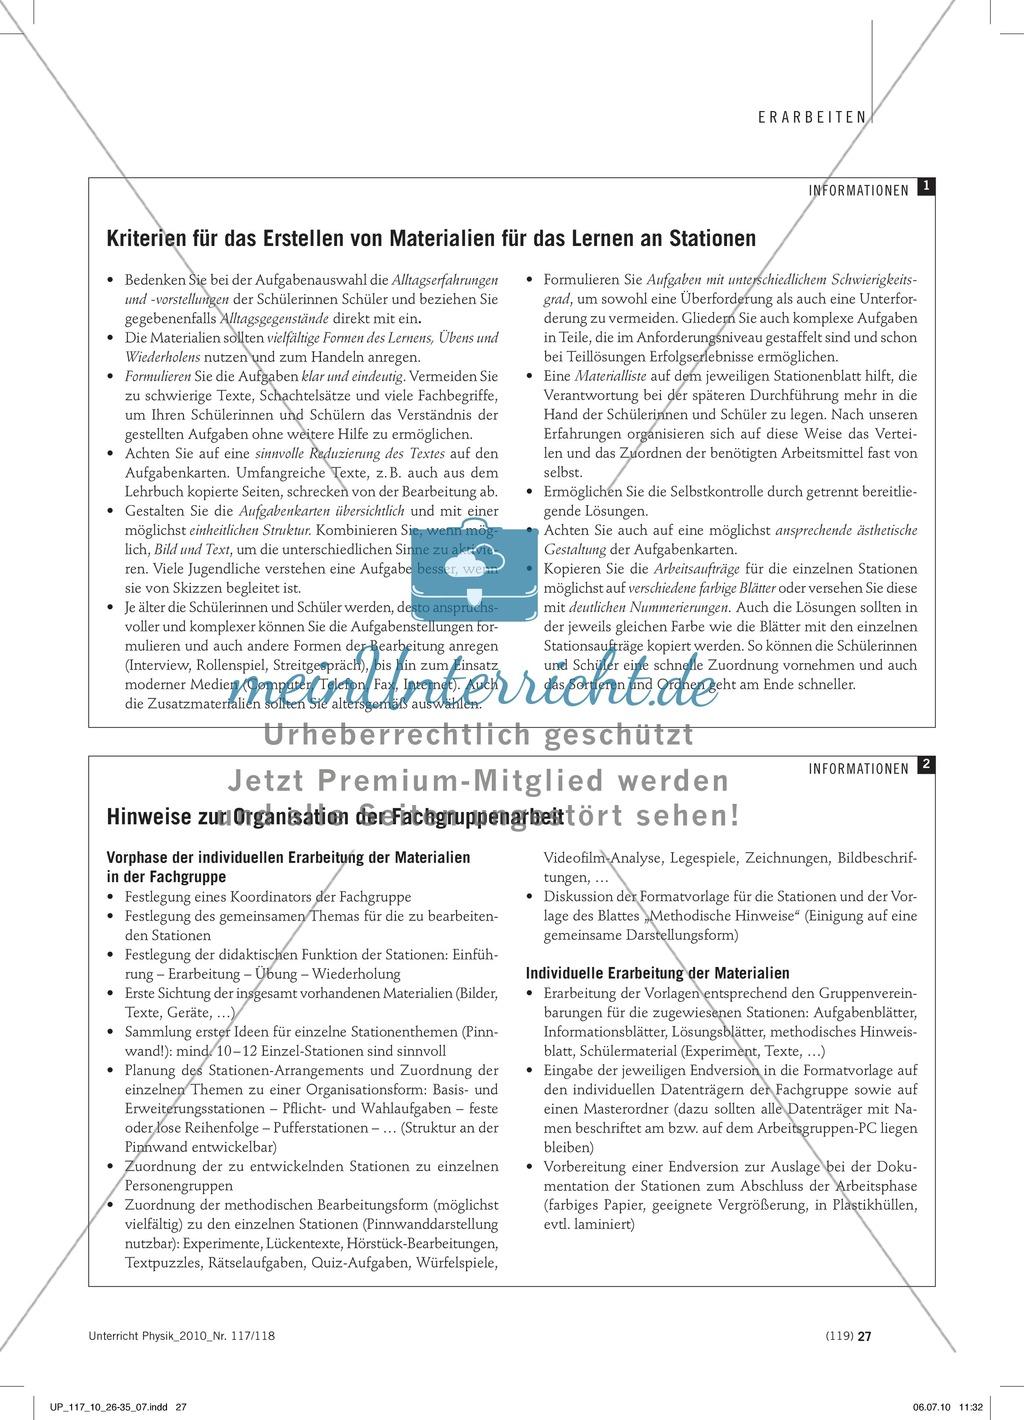 Infotext: Regeln für das Arbeiten an Stationen. Preview 1